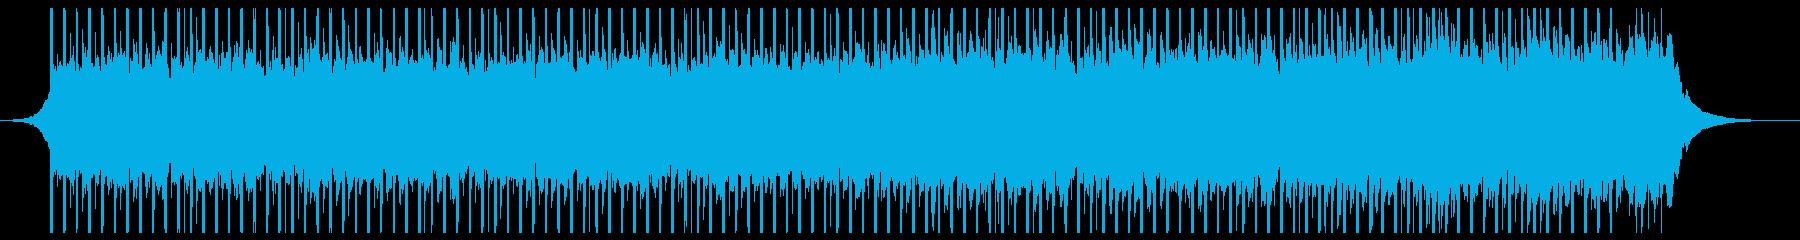 楽観(60秒)の再生済みの波形